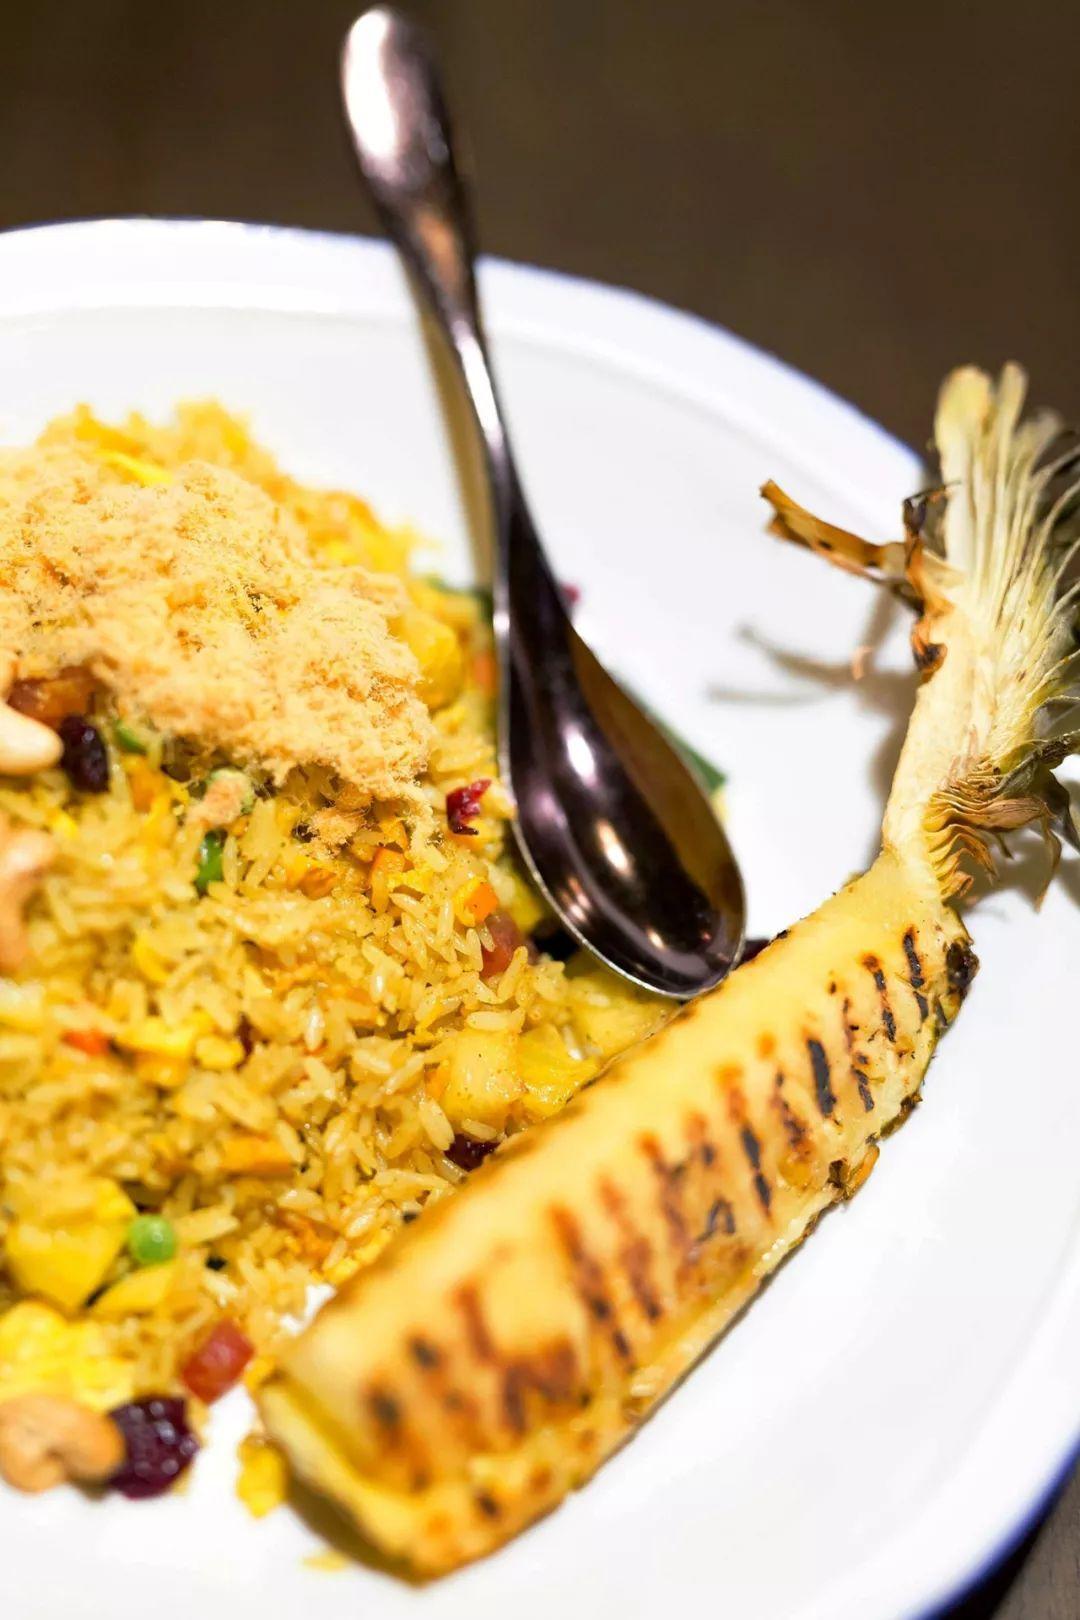 泰式菠萝饭是一款特别出名的泰式美食,一度排在支书种草清单的首位.图片